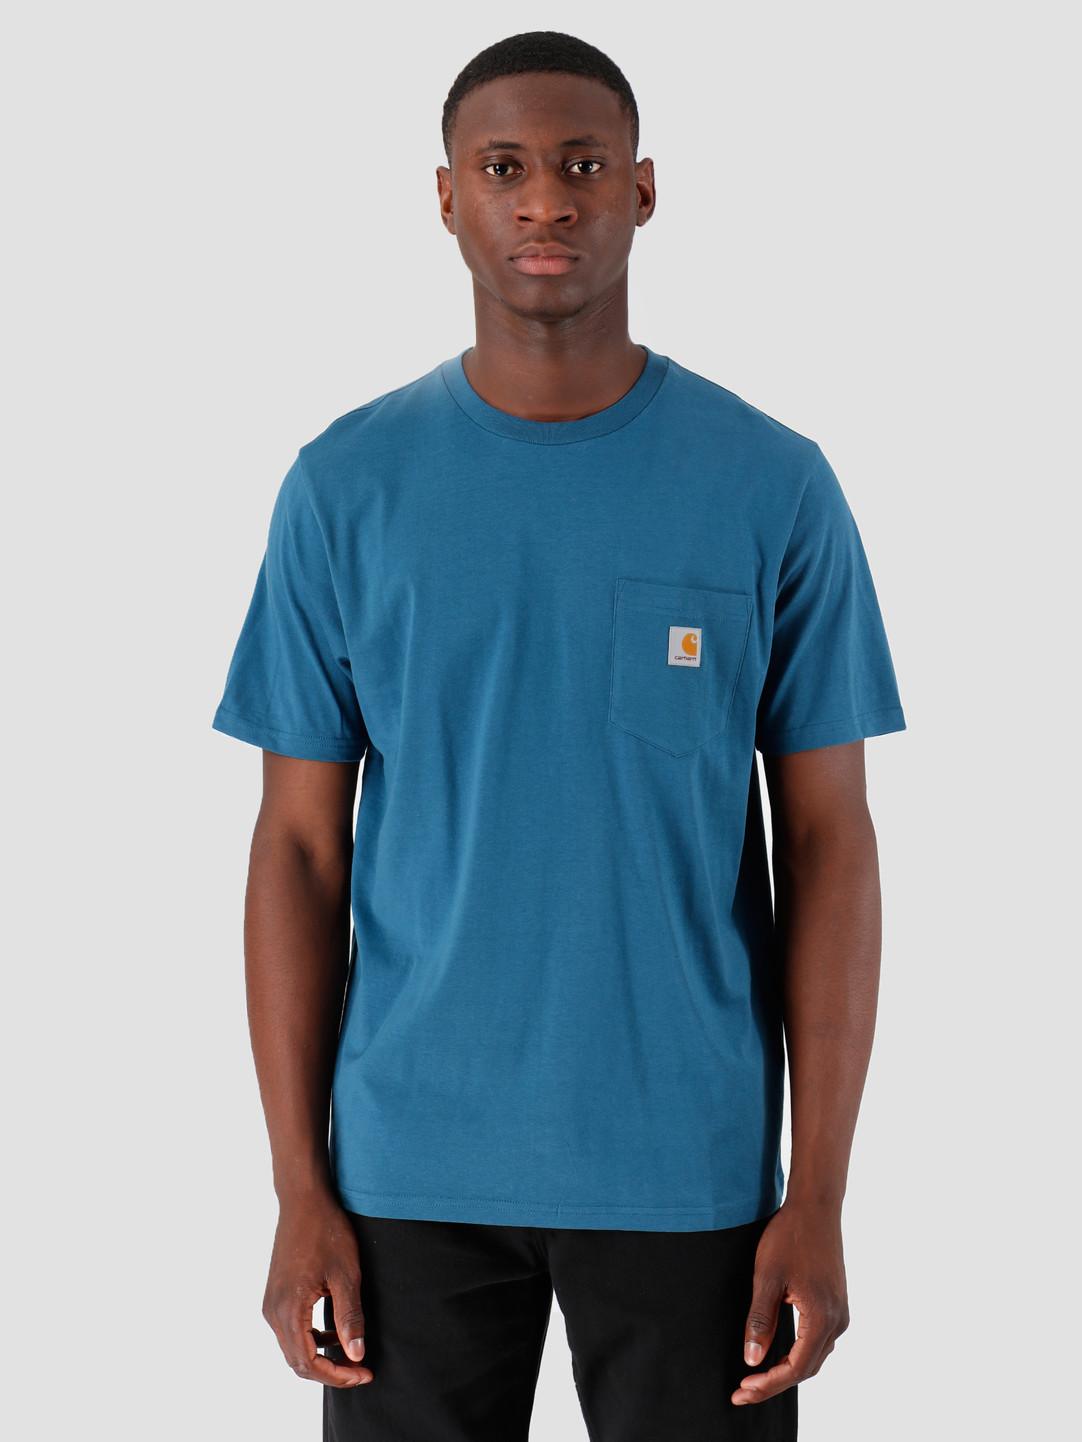 Carhartt WIP Carhartt WIP Pocket T Shirt Prussian Blue I022091